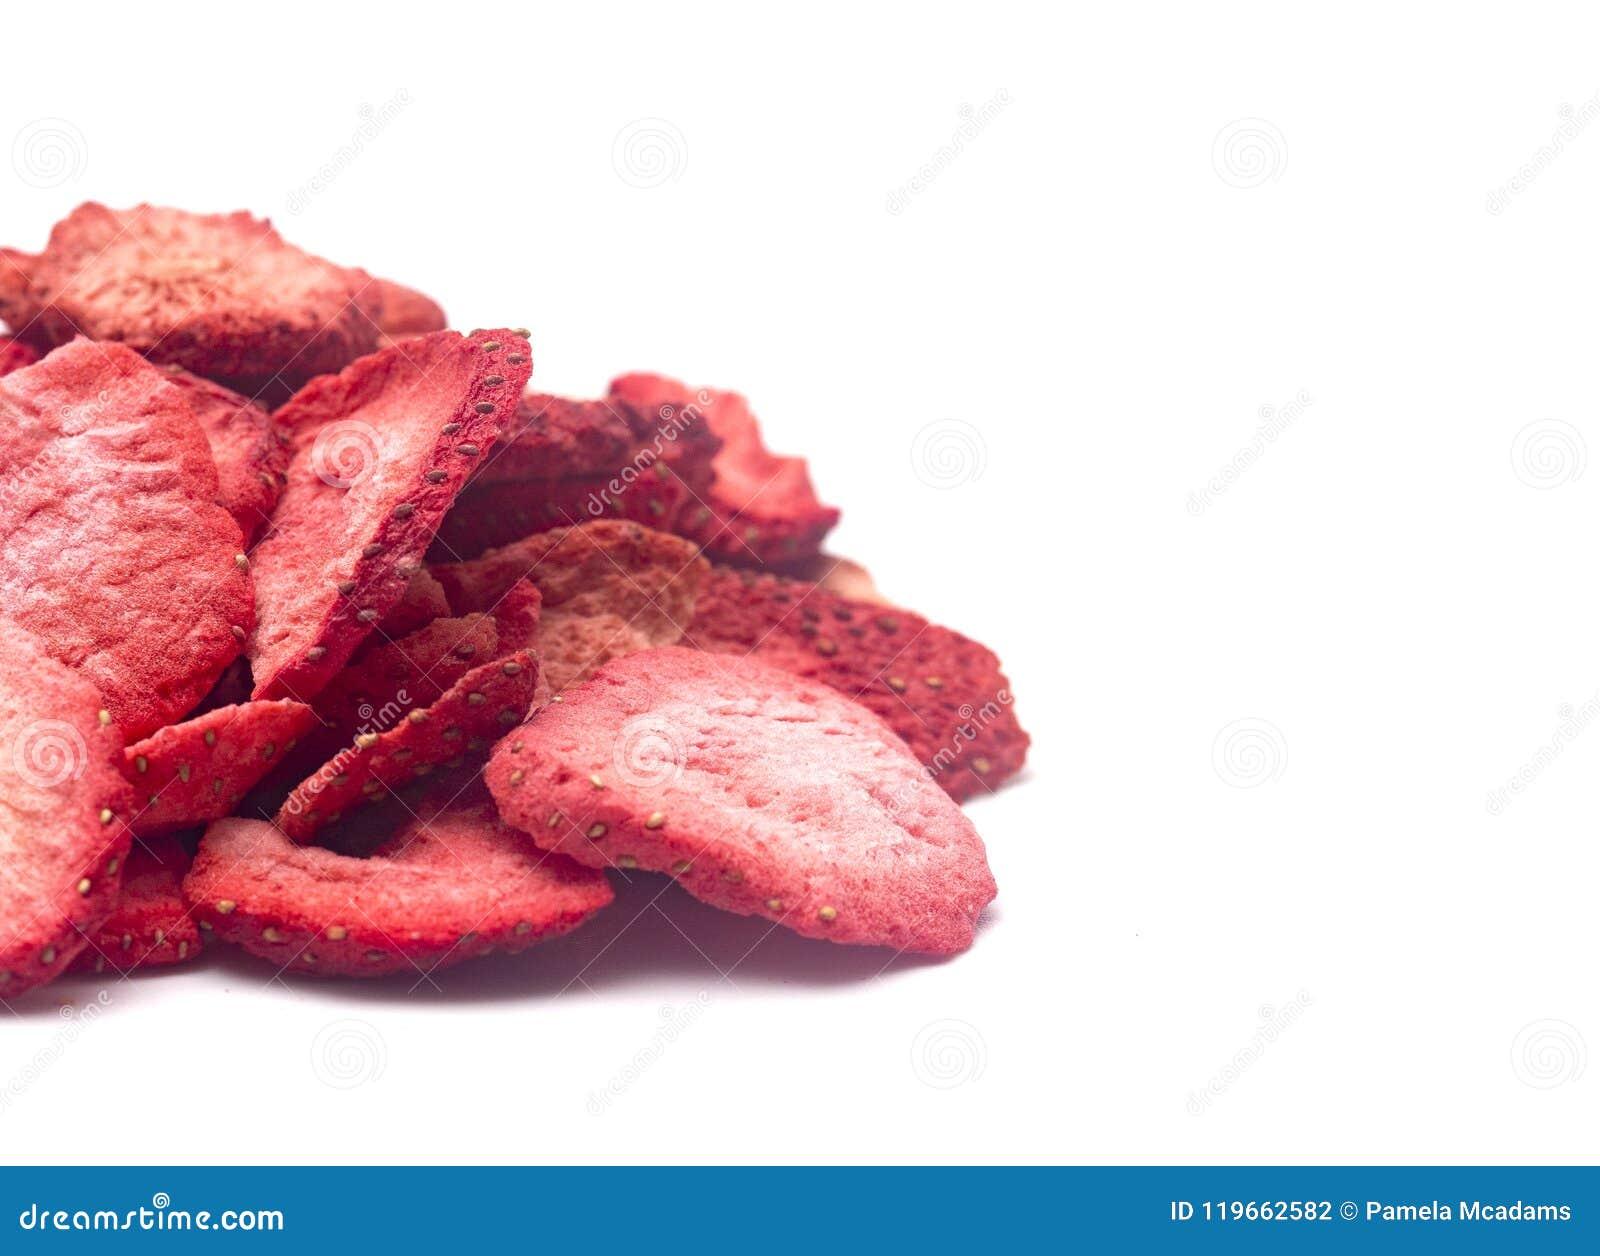 Mróz wysuszone truskawki